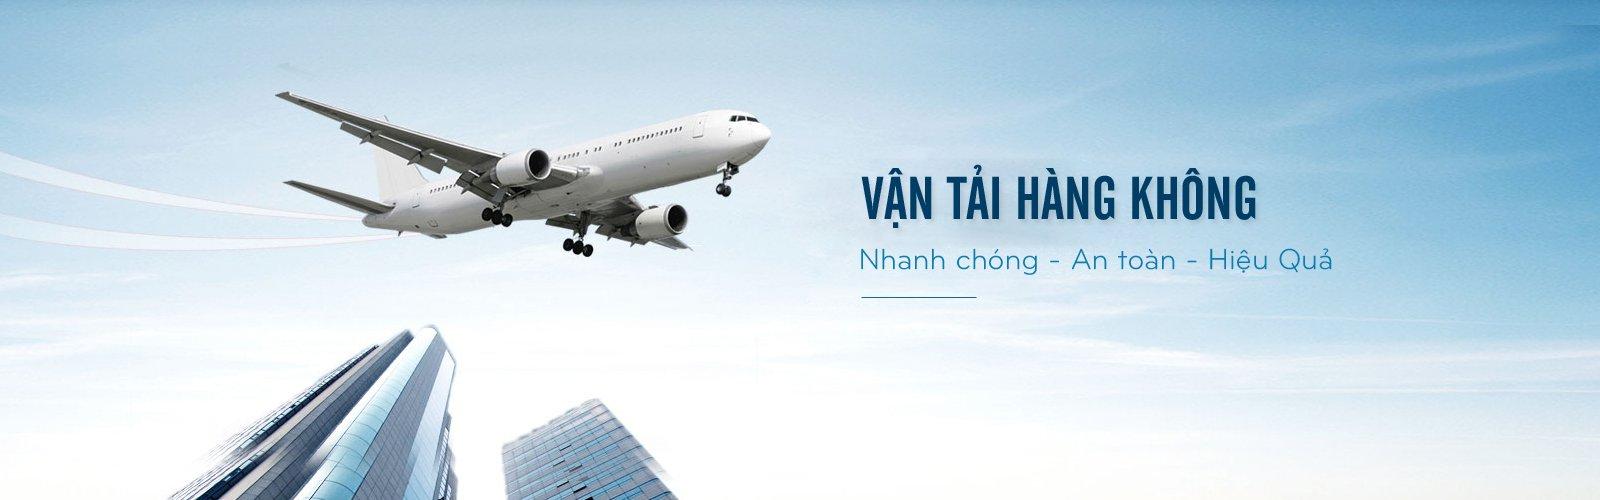 van-tai-hang-khong